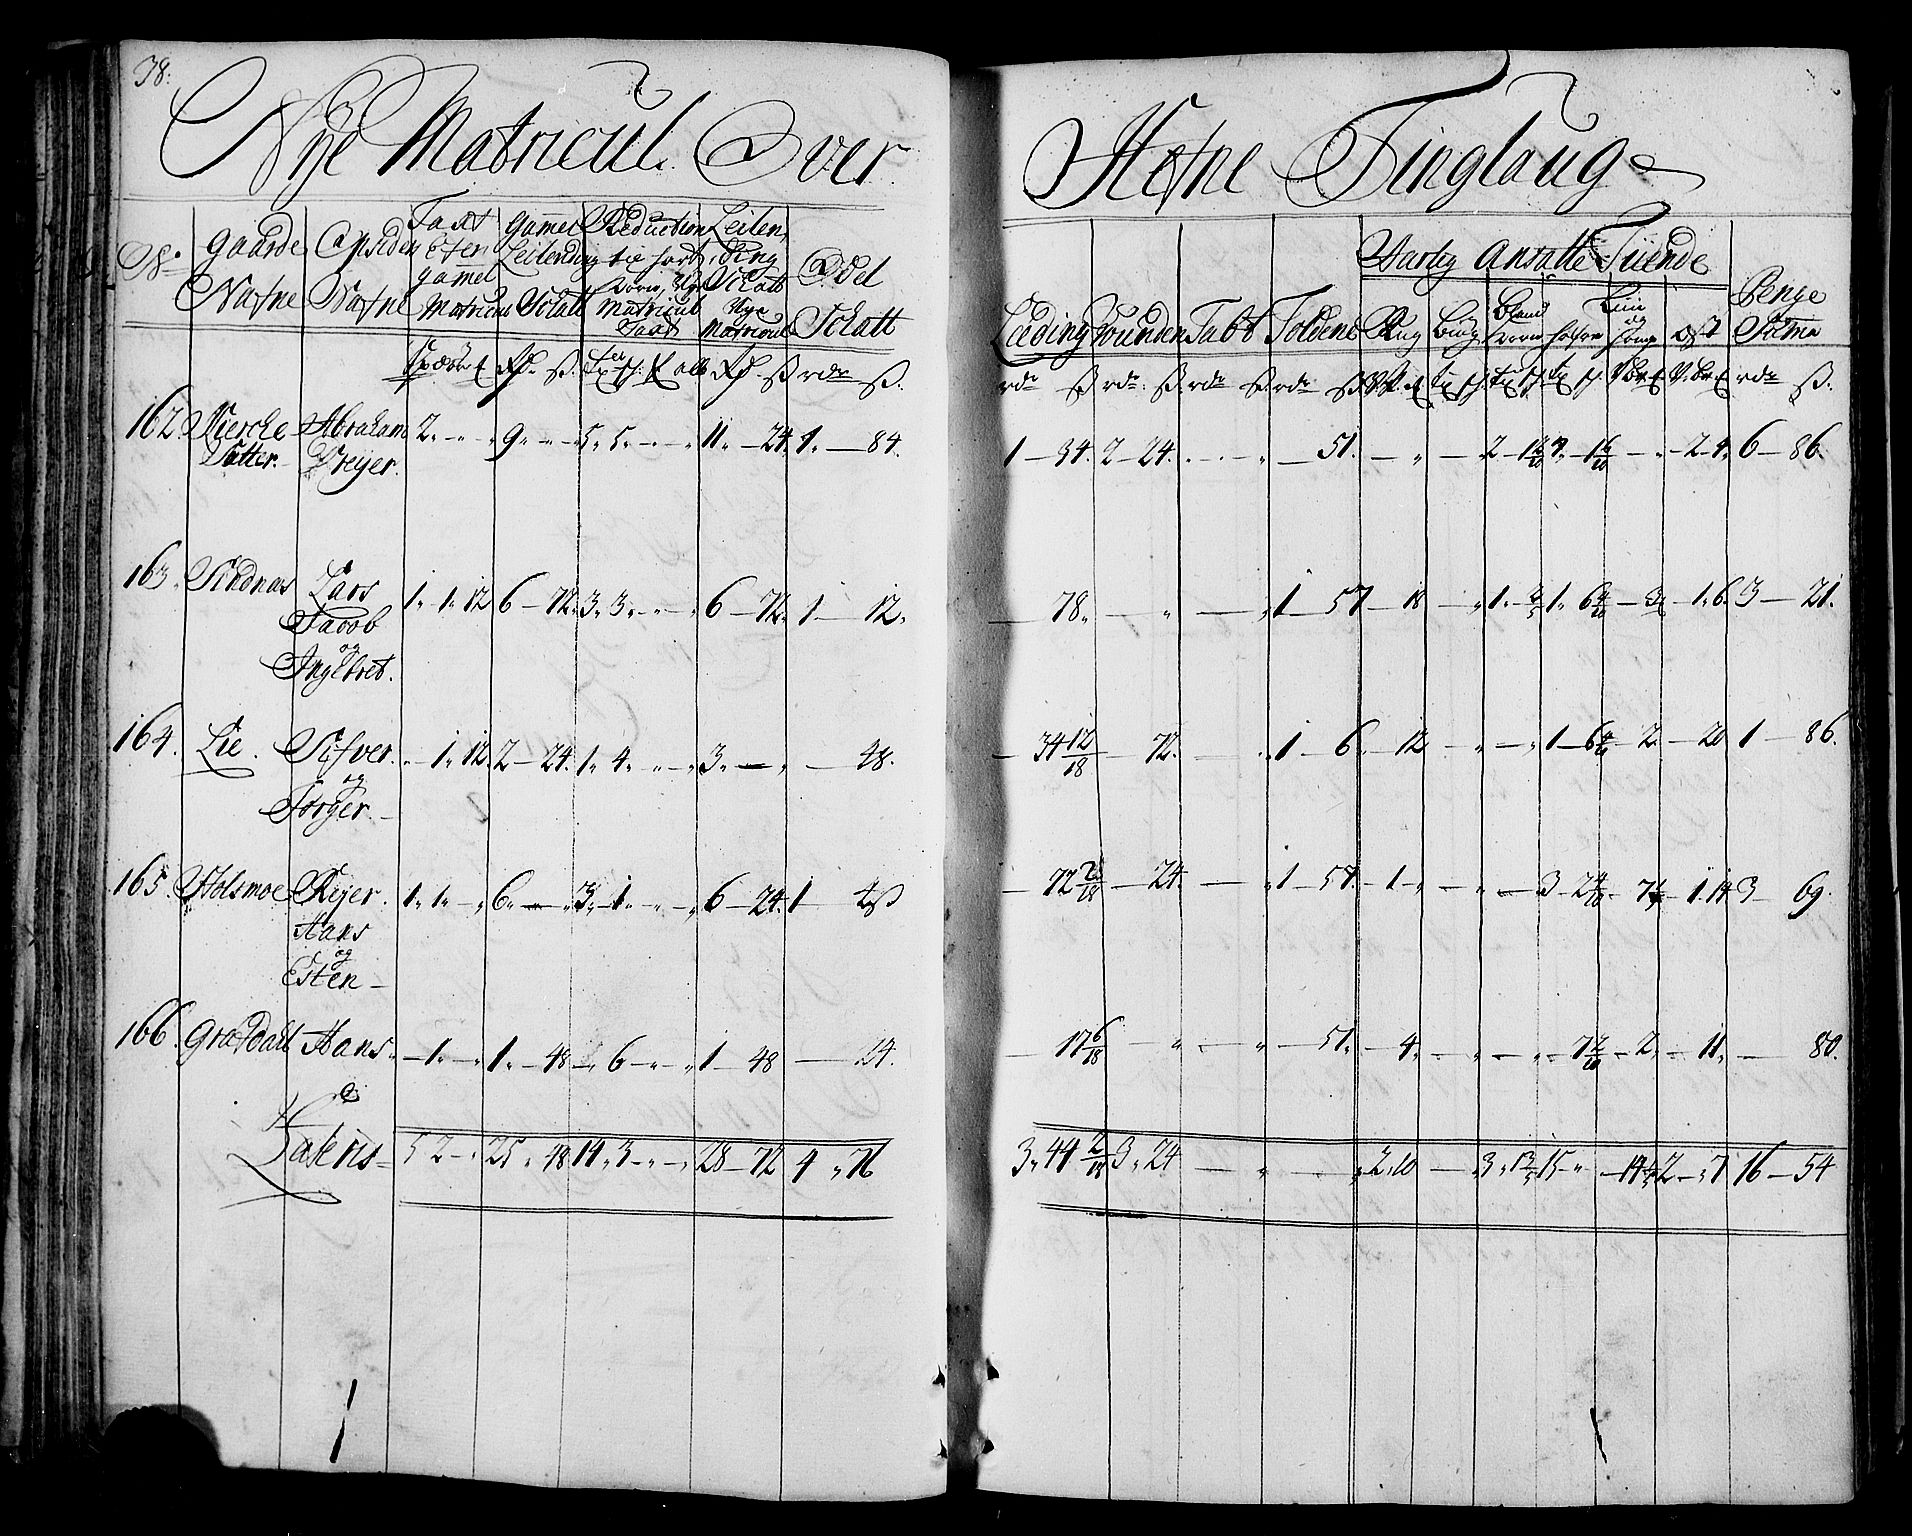 RA, Rentekammeret inntil 1814, Realistisk ordnet avdeling, N/Nb/Nbf/L0163: Fosen matrikkelprotokoll, 1723, s. 38